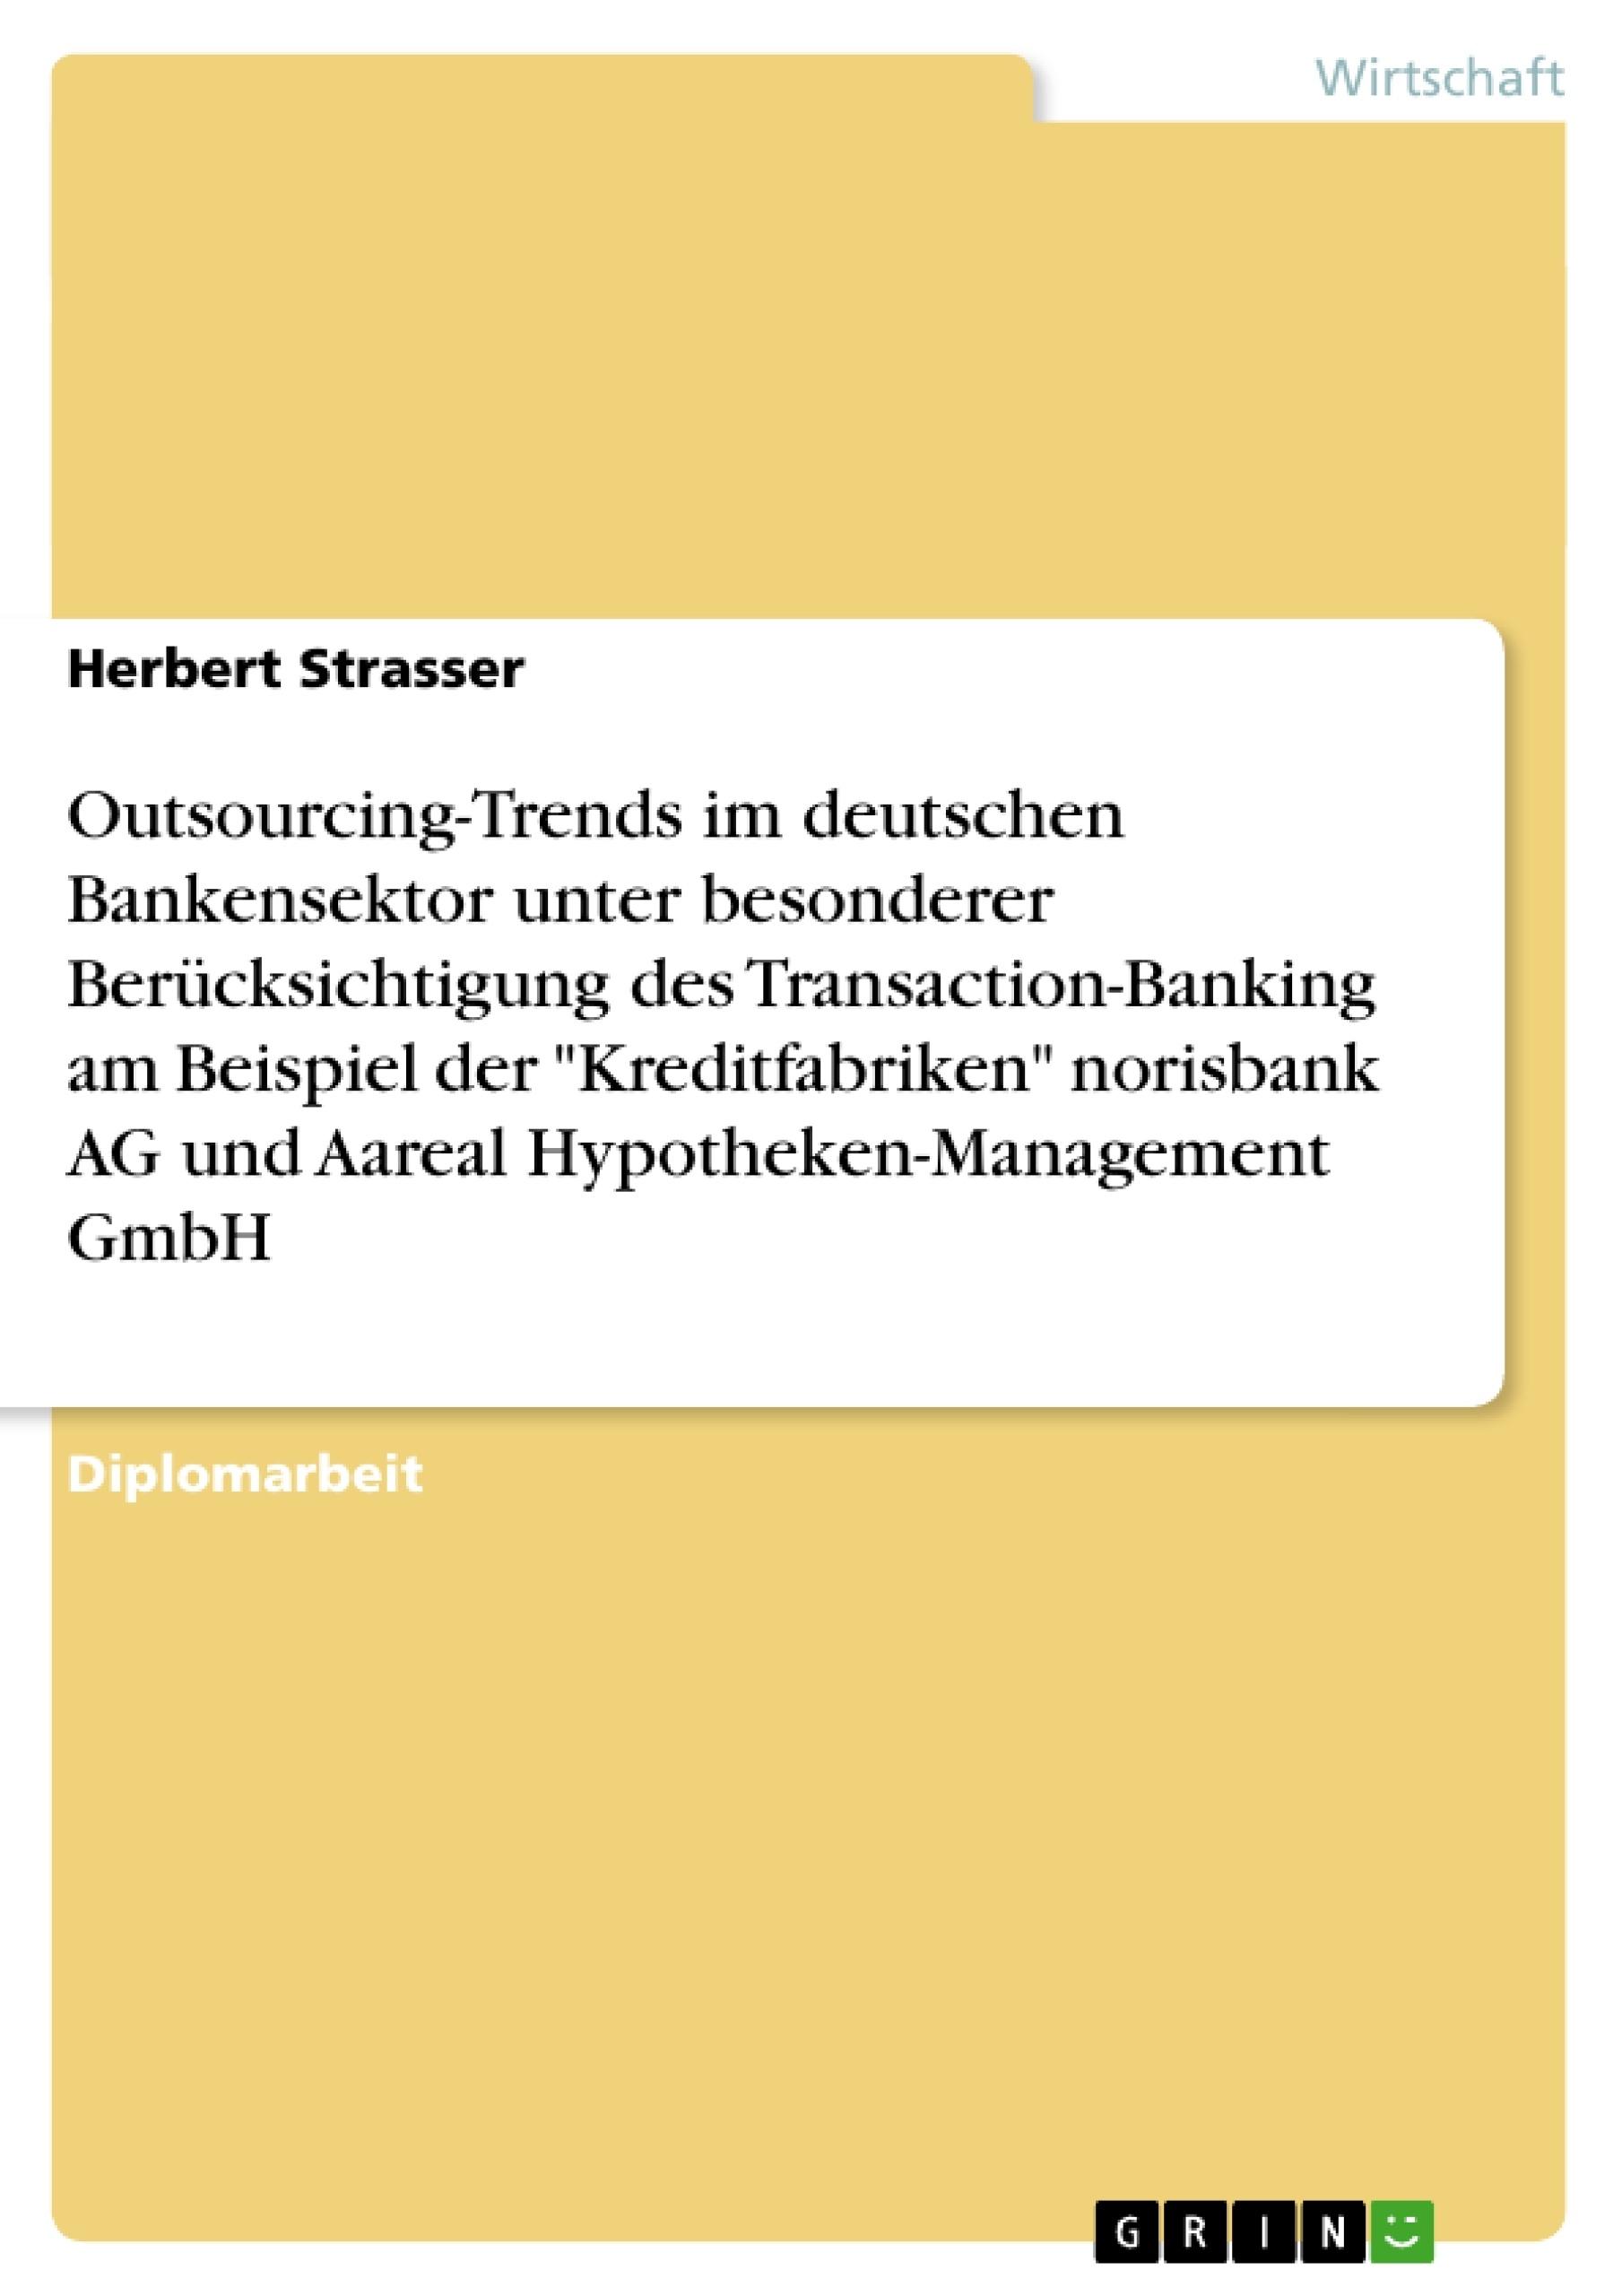 """Titel: Outsourcing-Trends im deutschen Bankensektor. Transaction-Banking der """"Kreditfabriken"""" norisbank AG und Aareal Hypotheken-Management GmbH"""